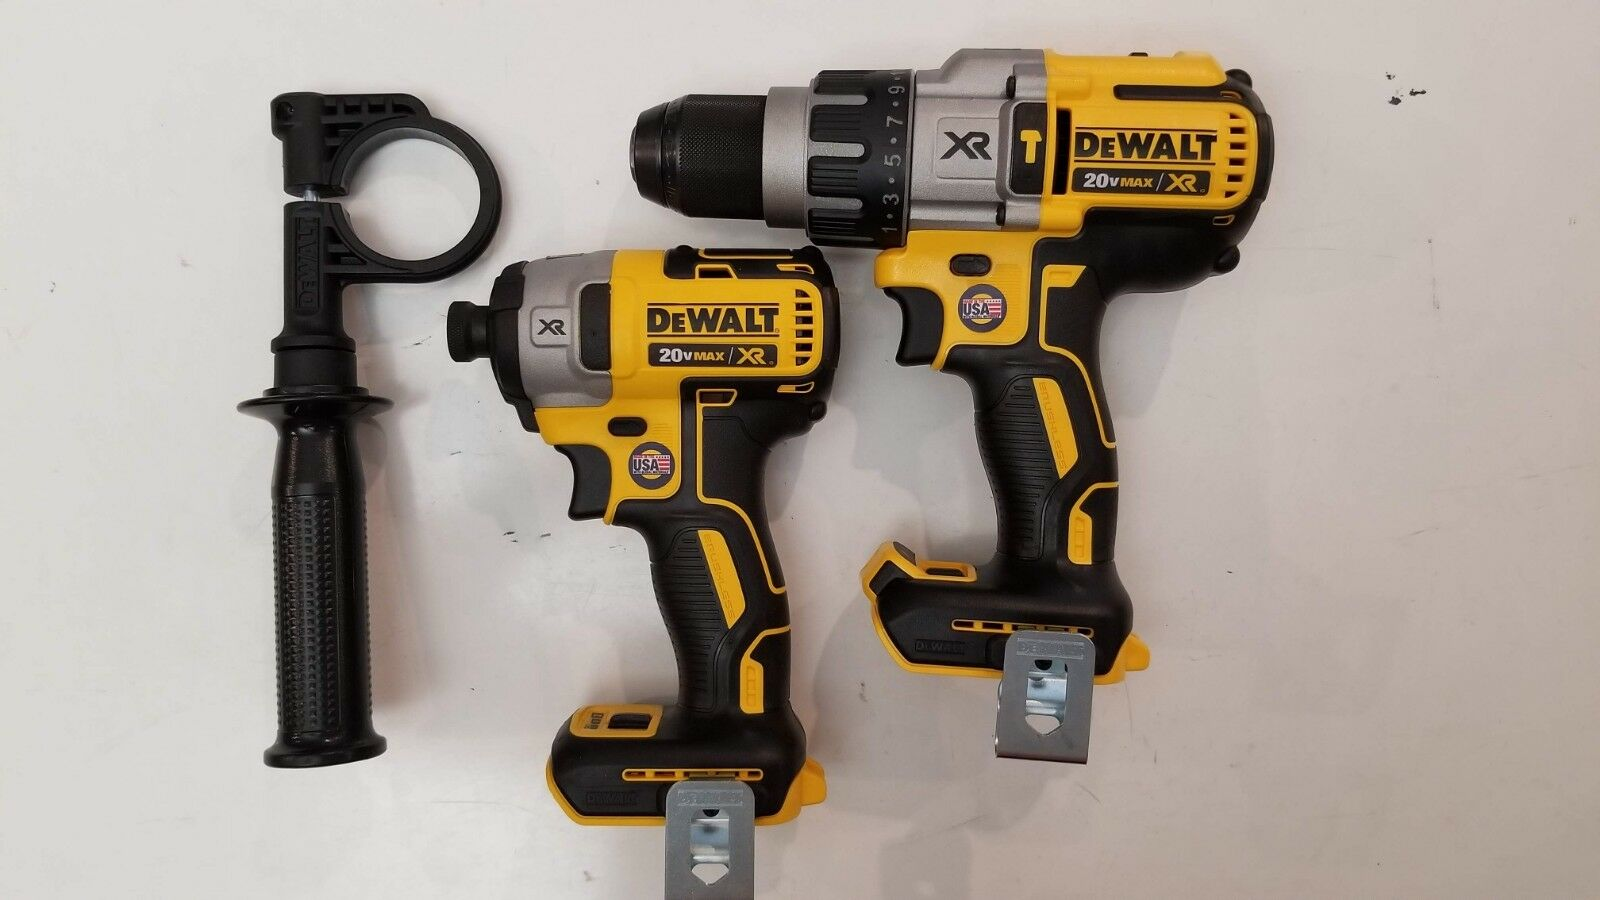 DEWALT 20V 20 Volt XR DCD996B Hammer Drill & DCF887B Impact Brushless Combo NEW